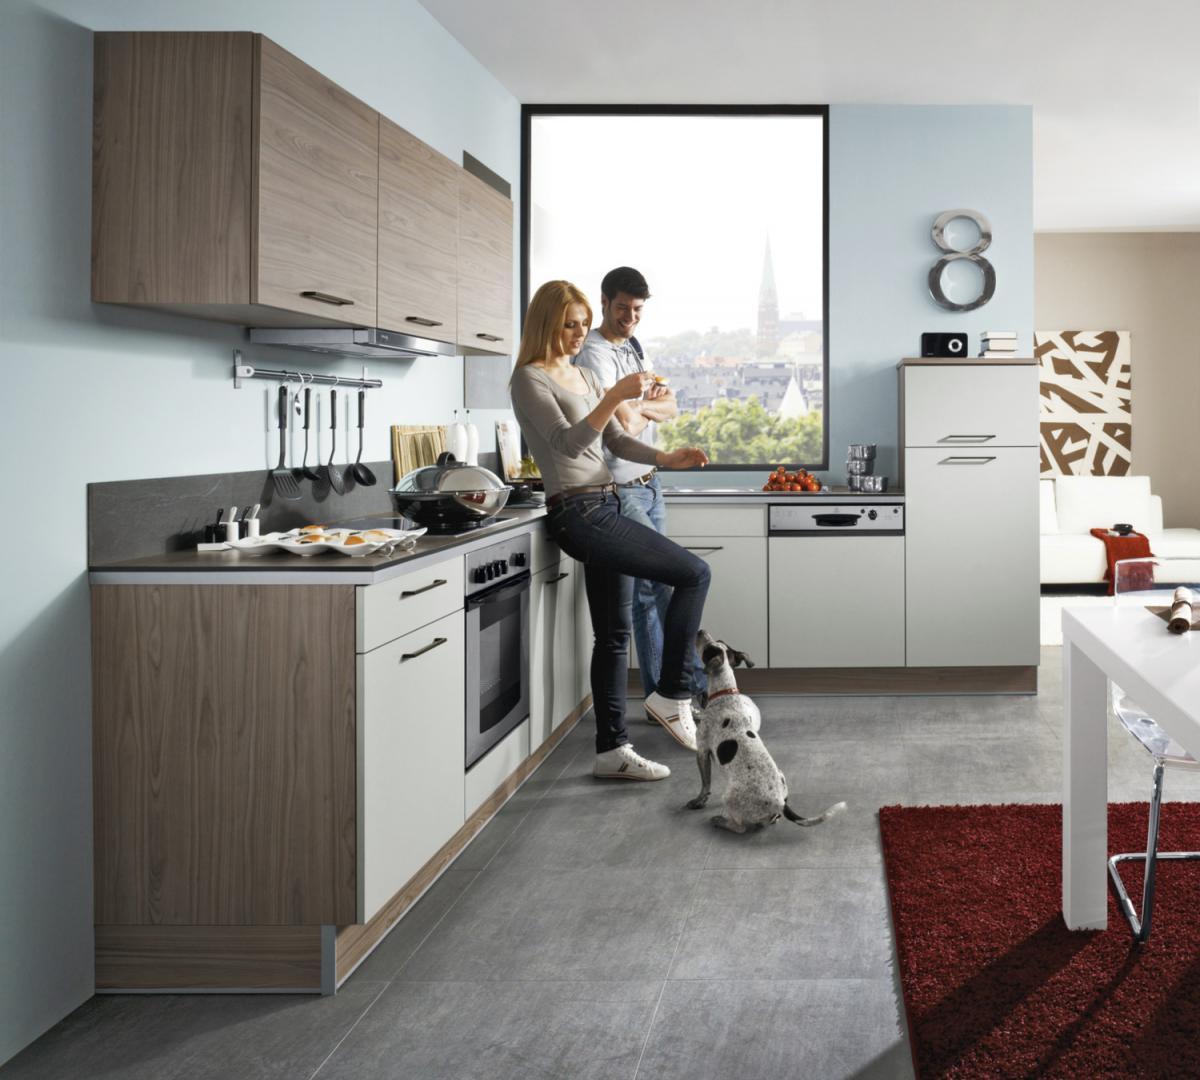 Küchenstudio gross, britz, eberswalde, barnim, cornelia lübke